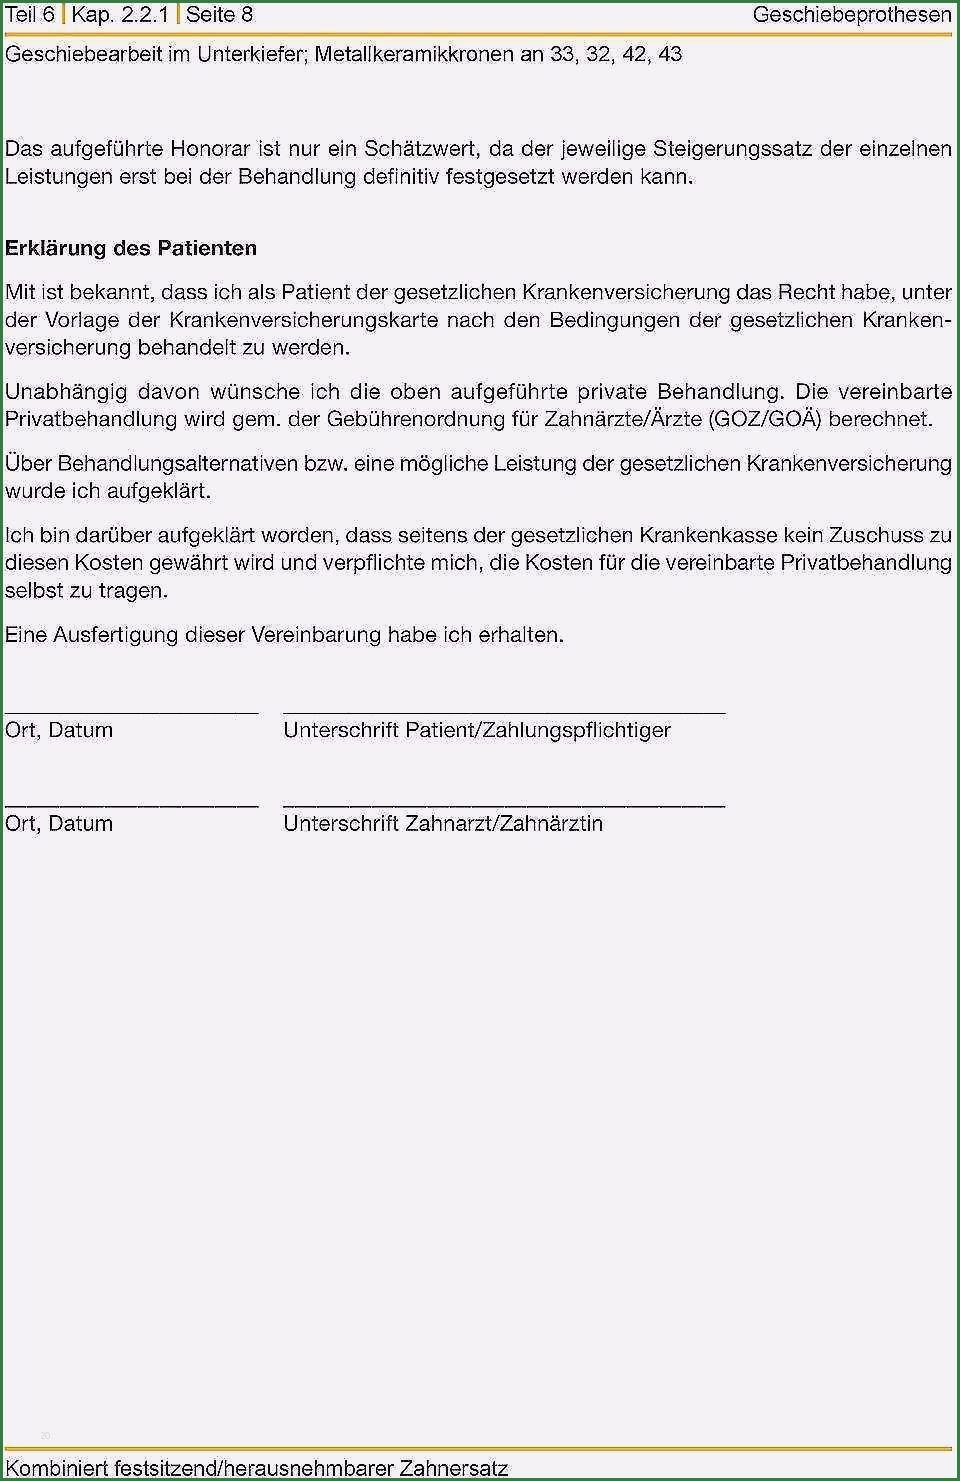 11 Kinderfreundlich Diensthandy Vereinbarung Vorlage Das Dauert Nicht Lange In 2020 Vorlagen Freundlich Vereinbarung